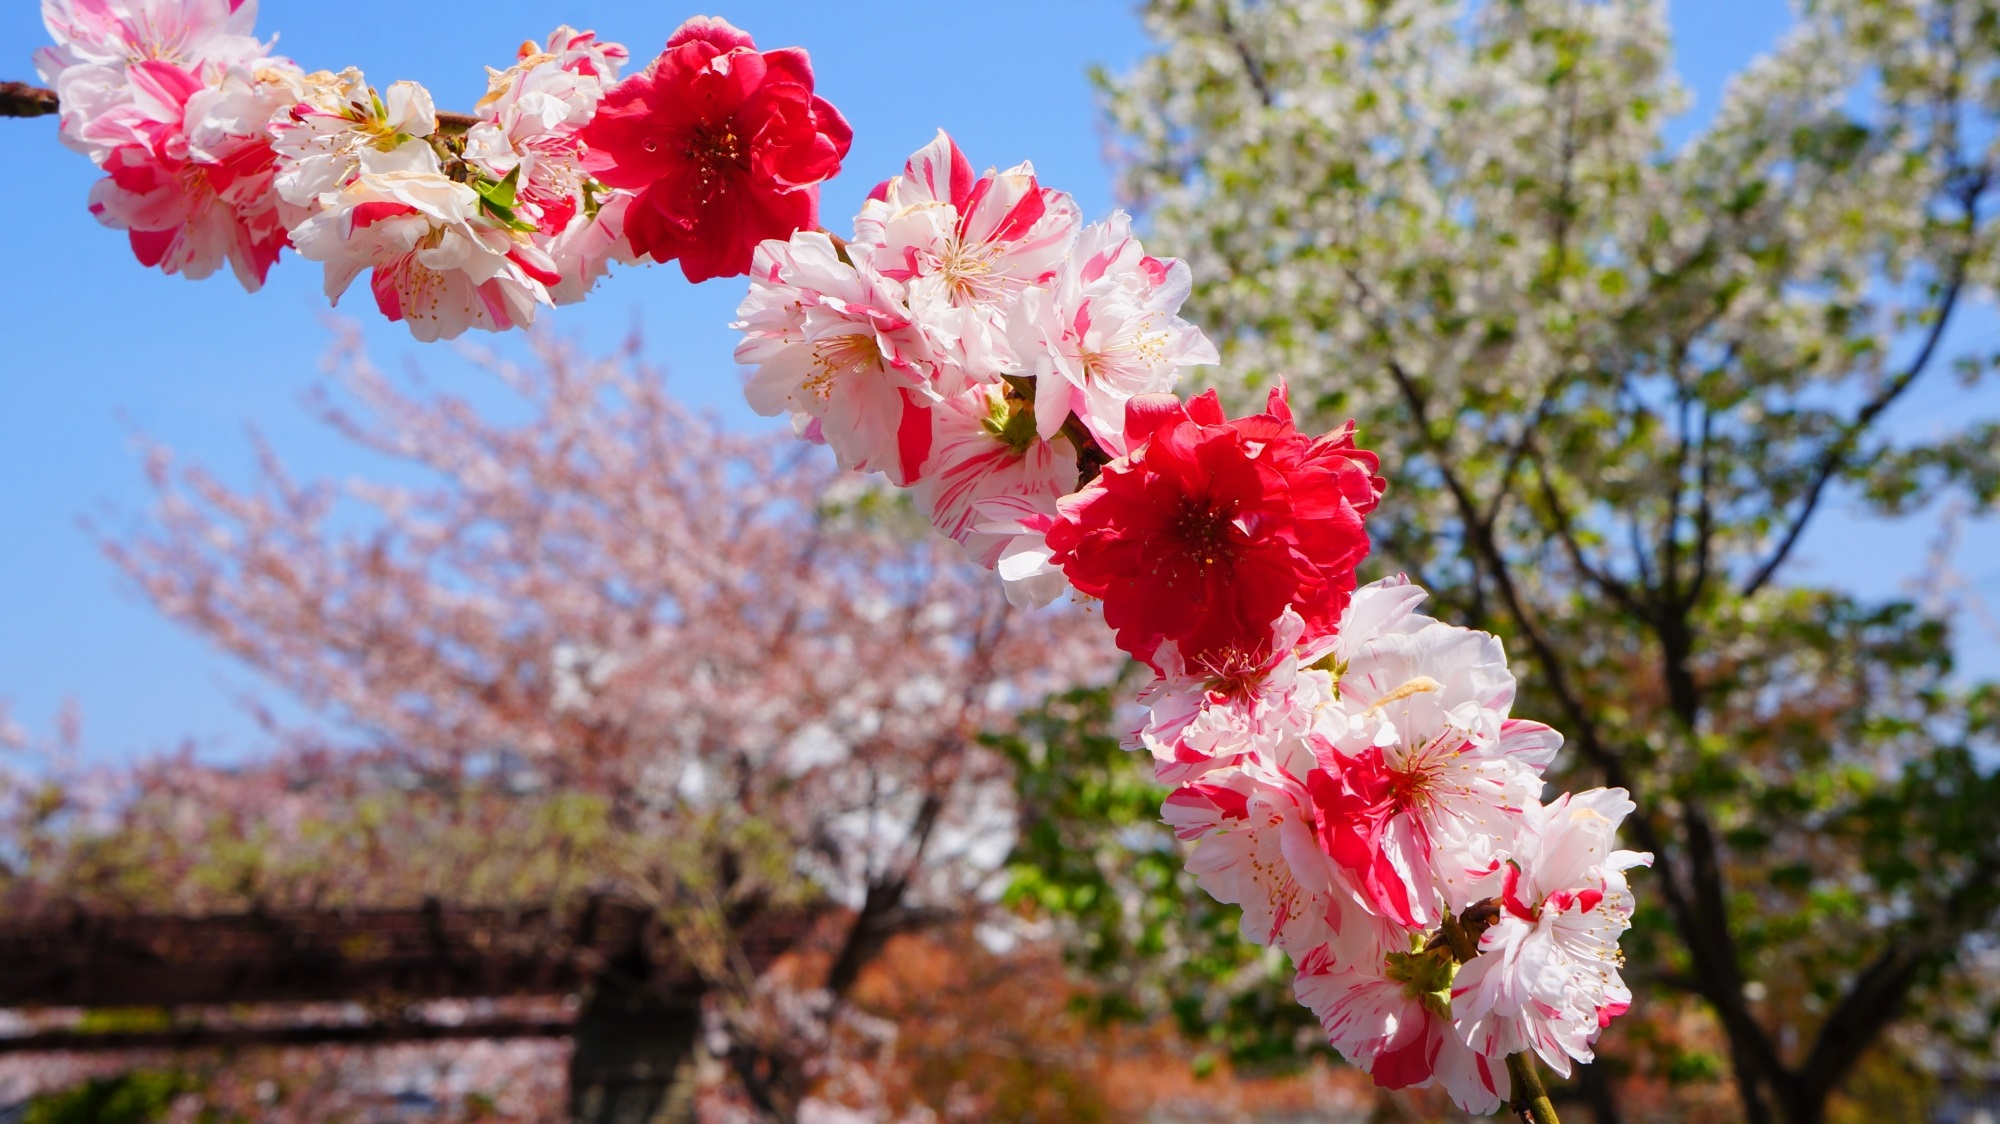 首途八幡宮 桃の花 源平枝垂れ桃と桜井公園の桜